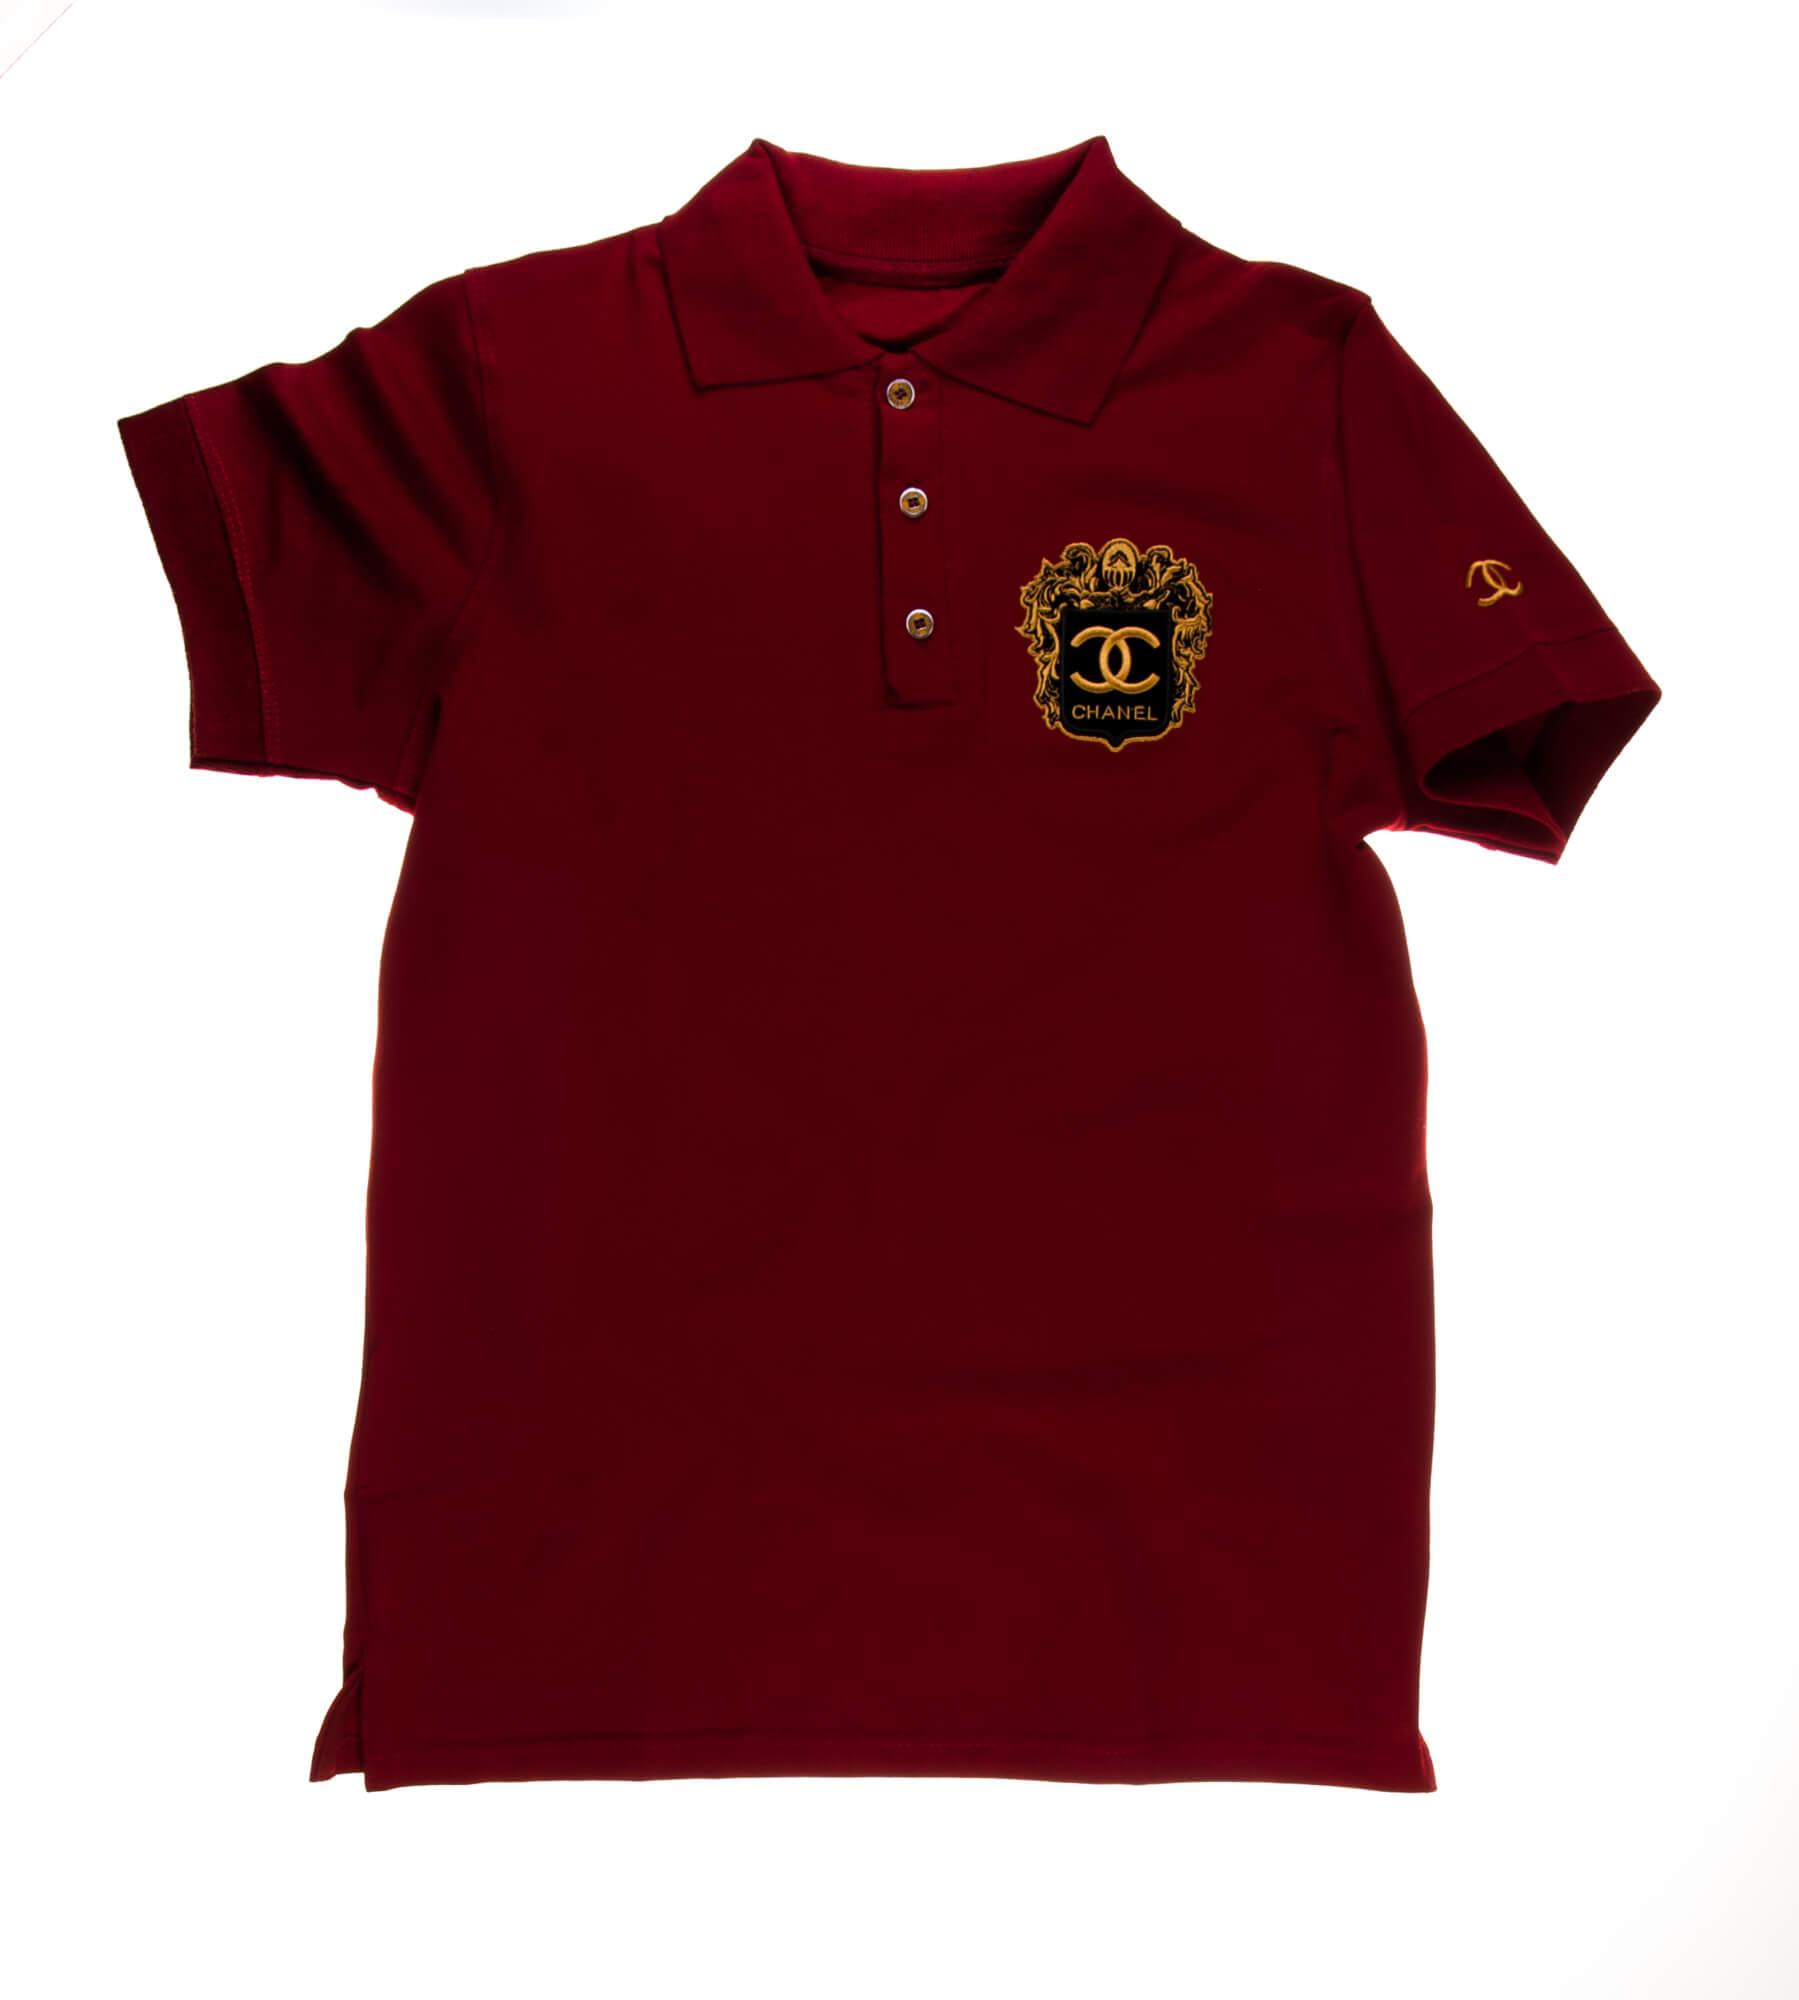 تی شرت یقه دار مردانه طرح PS1063-CHANEL